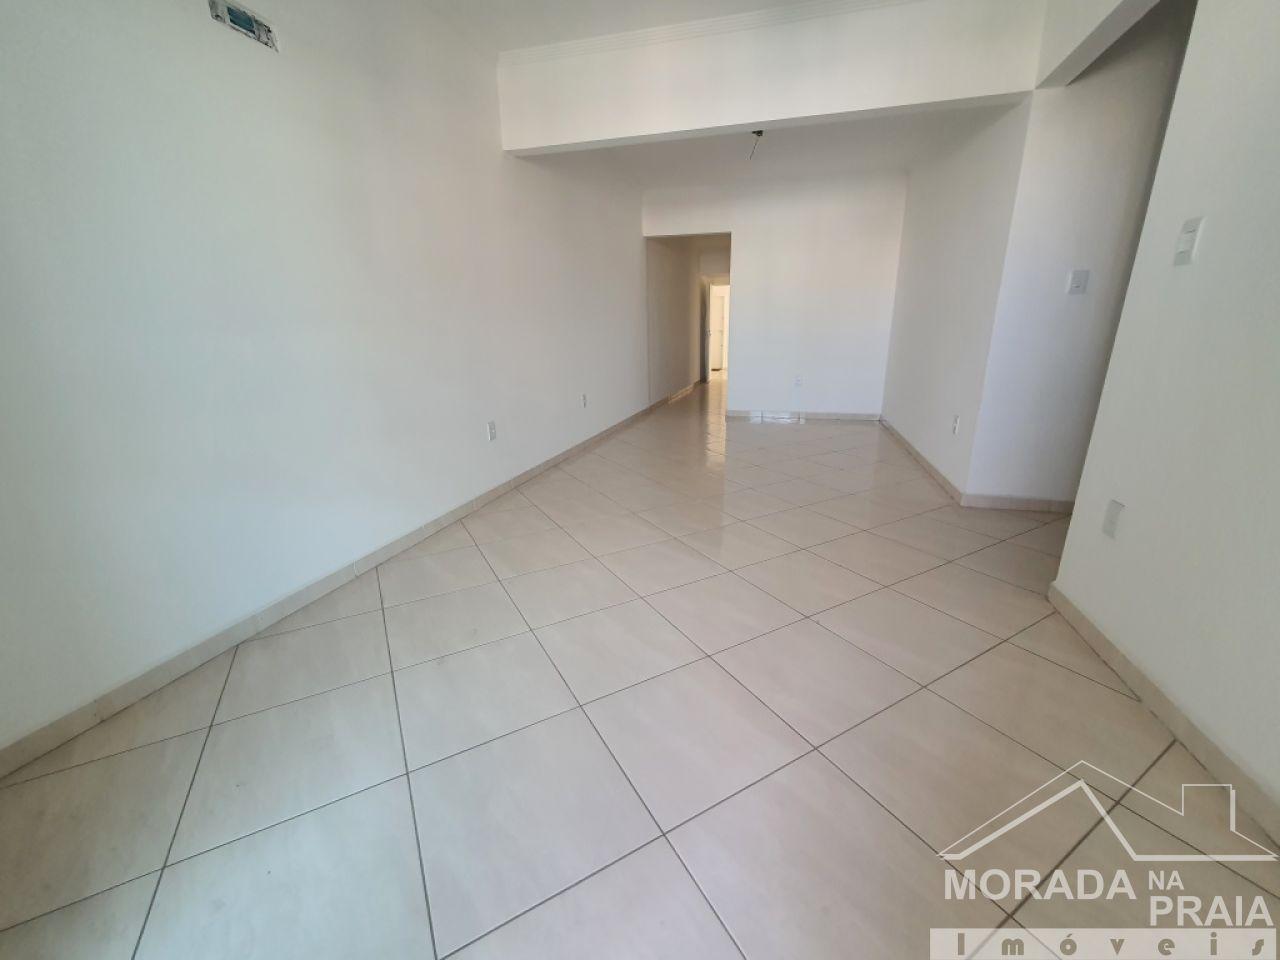 Cozinha do apartamento com 2 dormitórios em Vila Guilhermina - Praia Grande